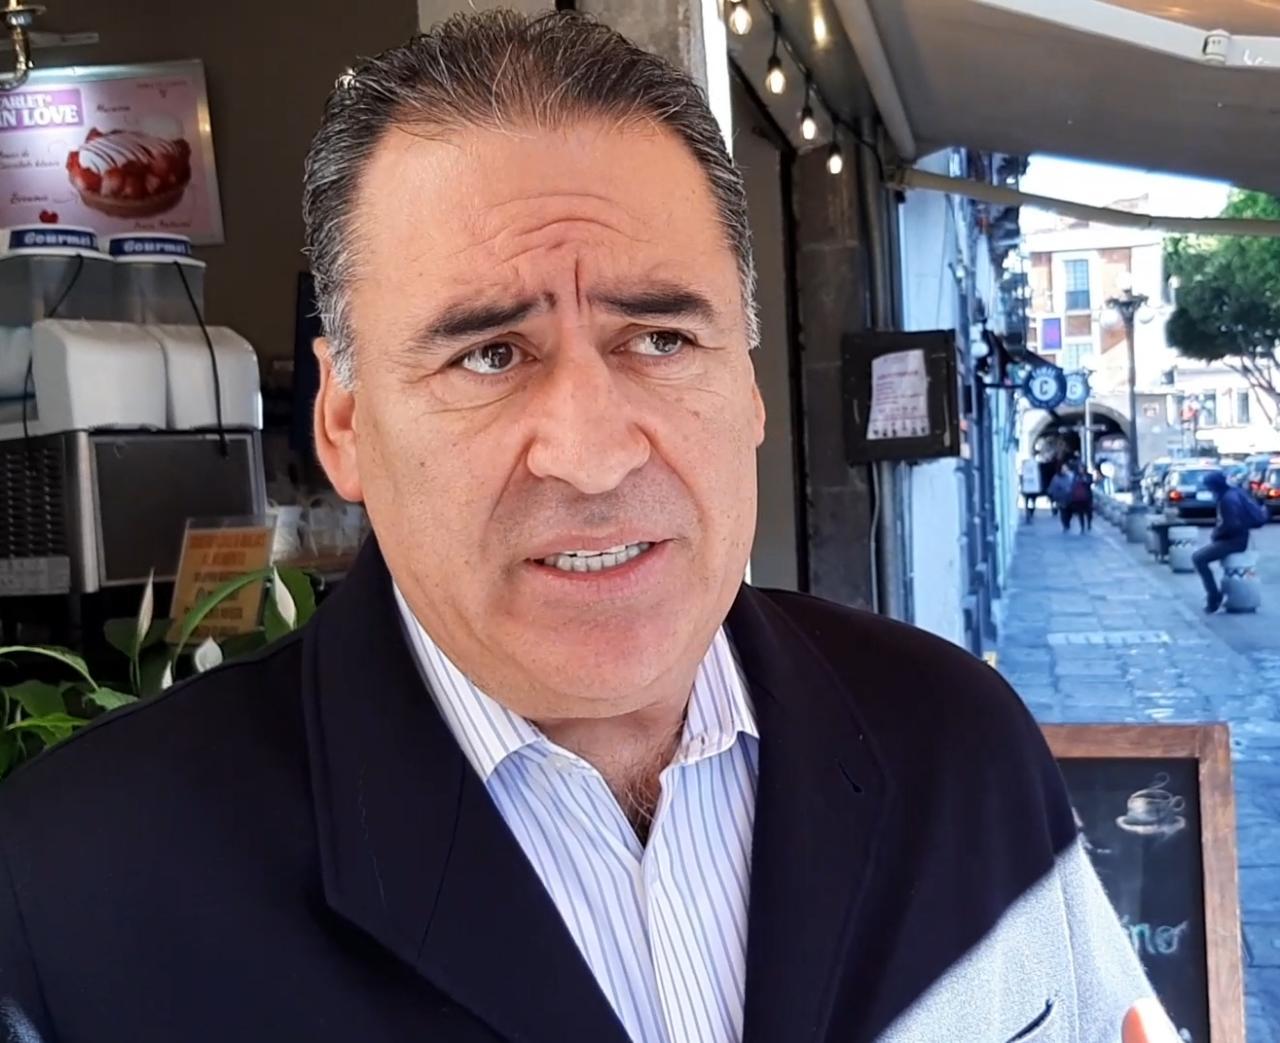 Humberto Aguilar Coronado levanta la mano para alguna candidatura